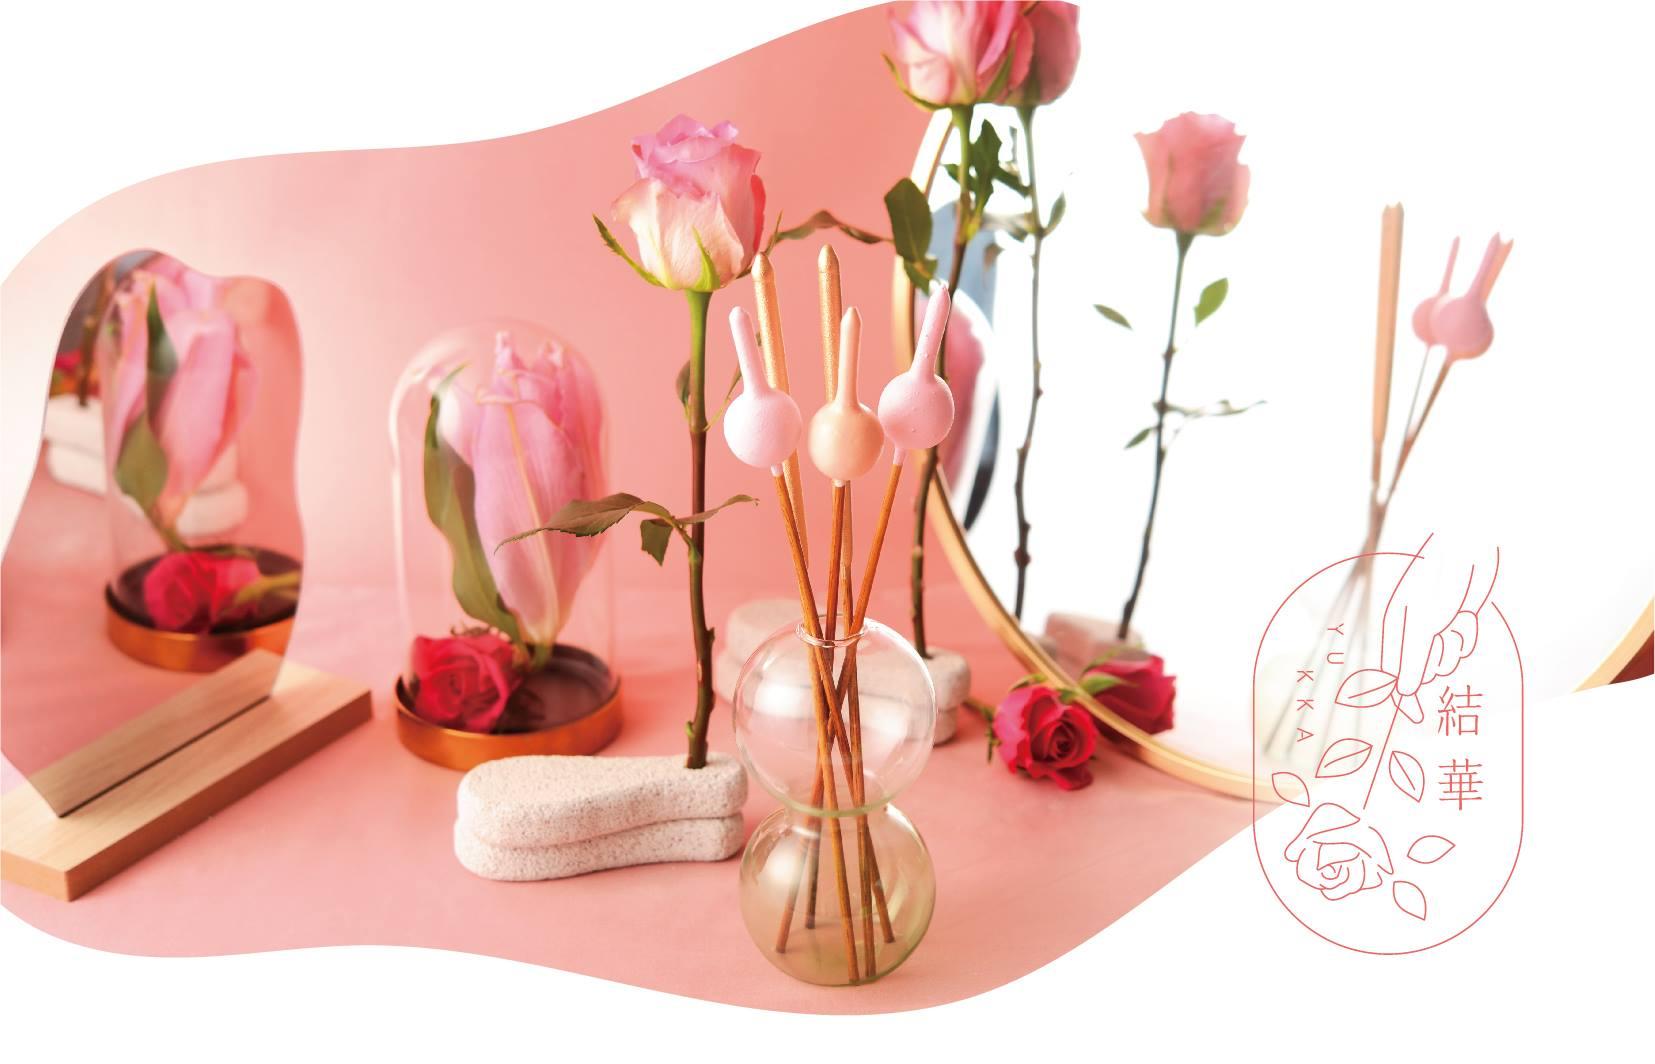 花火だけど花のように飾れる 見た目も楽しめる「結華」